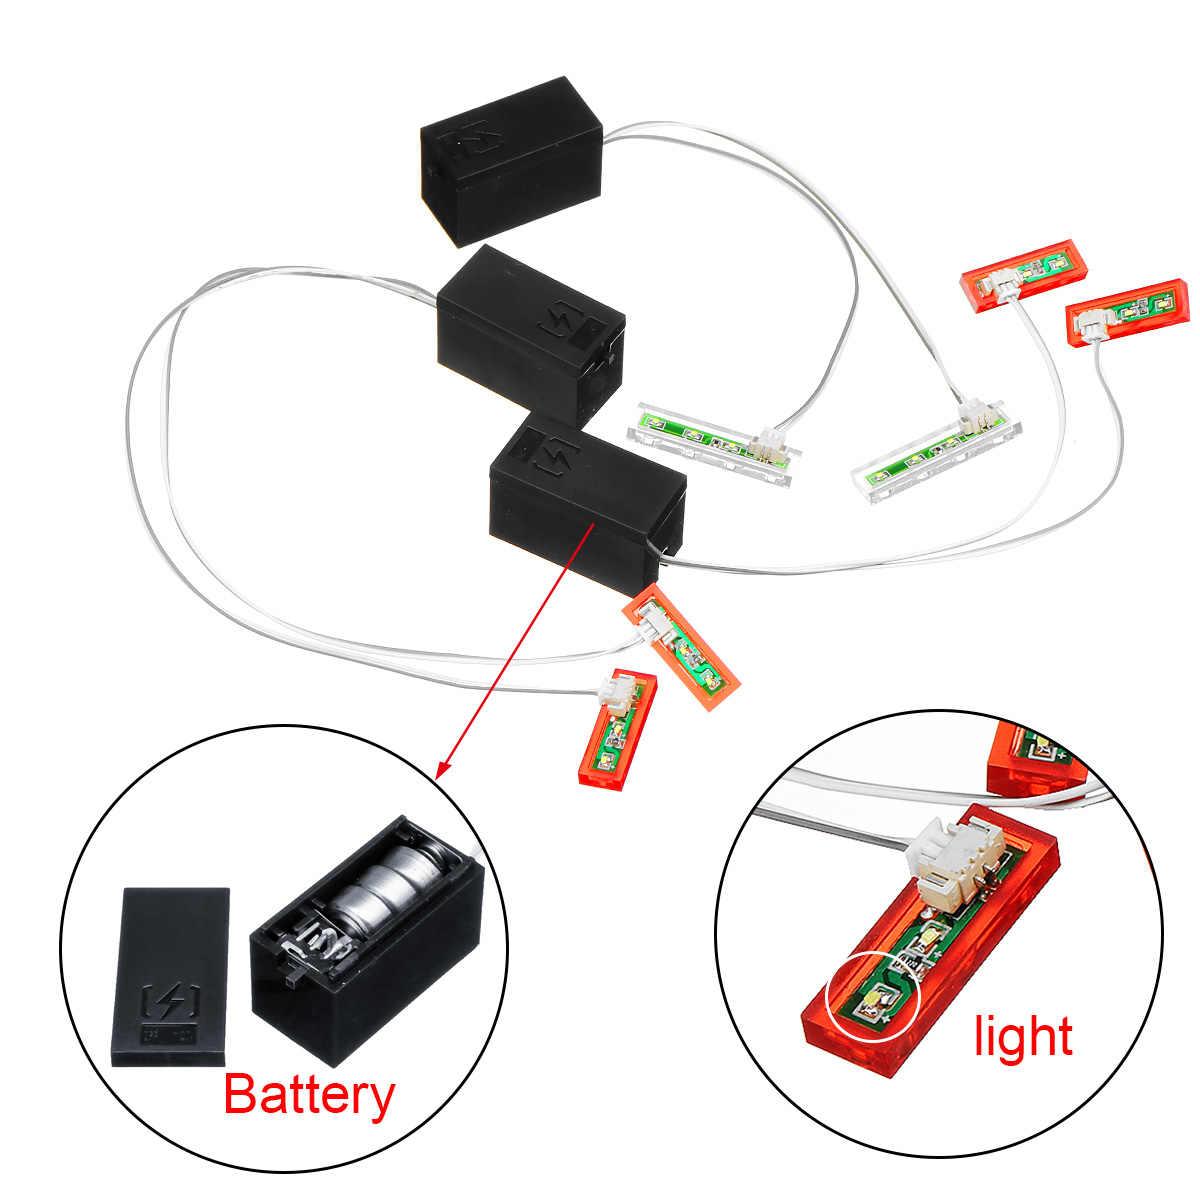 Światła LED zestaw oświetlenia tylko dla LEGO dla 42083 dla Bugatti Chiron Technic zabawki cegły zestaw oświetlenia (Model nie jest wliczony w cenę)